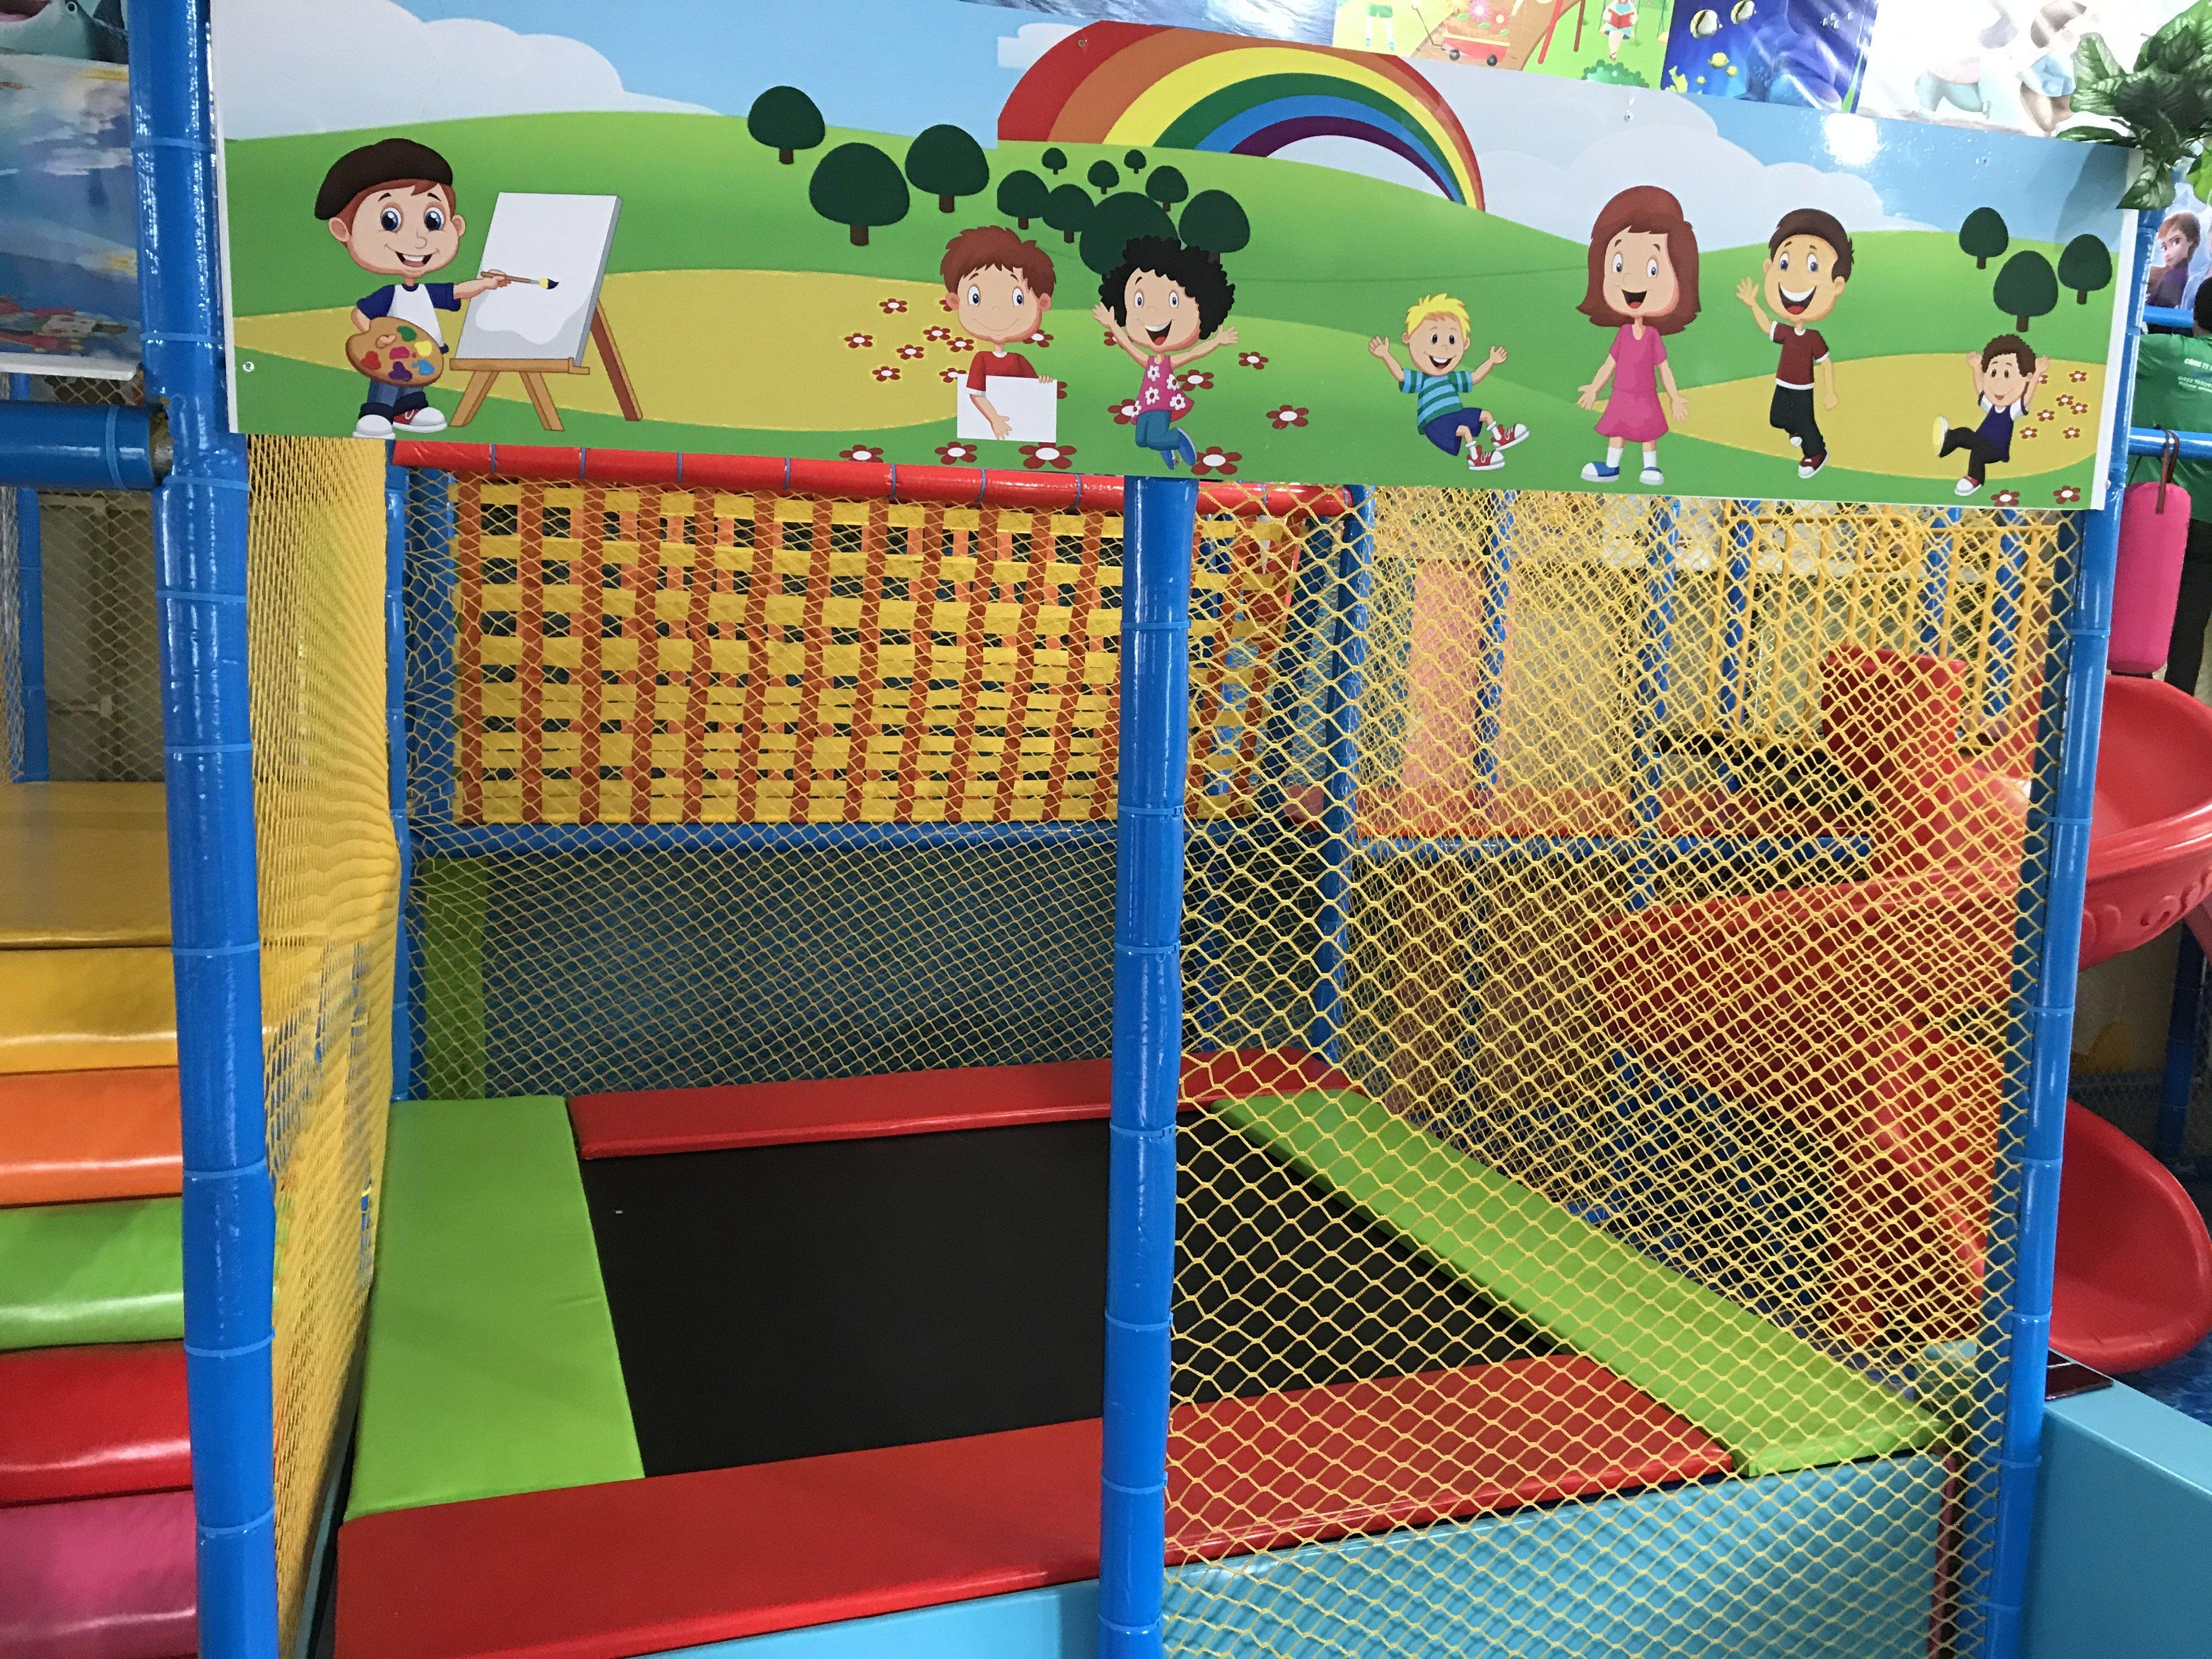 Mô hình cafe kết hợp khu vui chơi trẻ em, kinh doanh khu vui chơi trẻ em ở quê